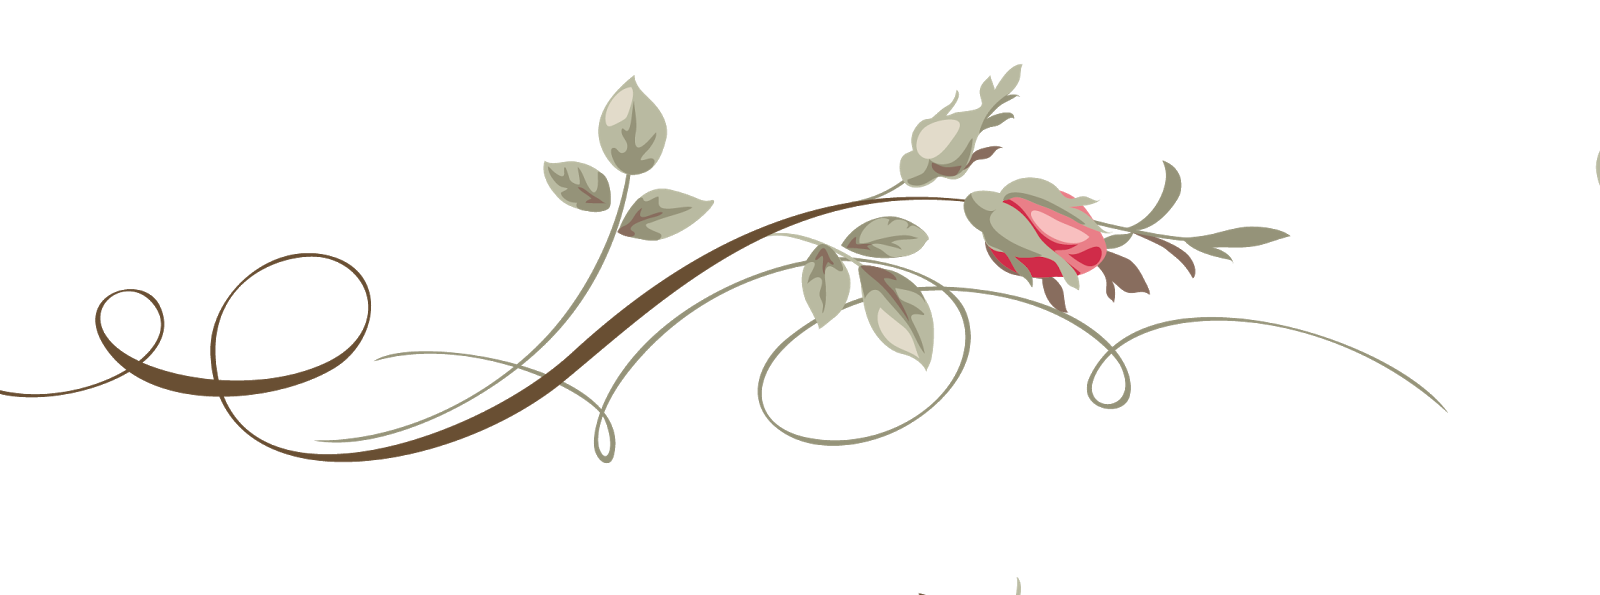 arabesco flora em png para baixar arabescos pinterest vintage gold frames vector vintage vector frames free